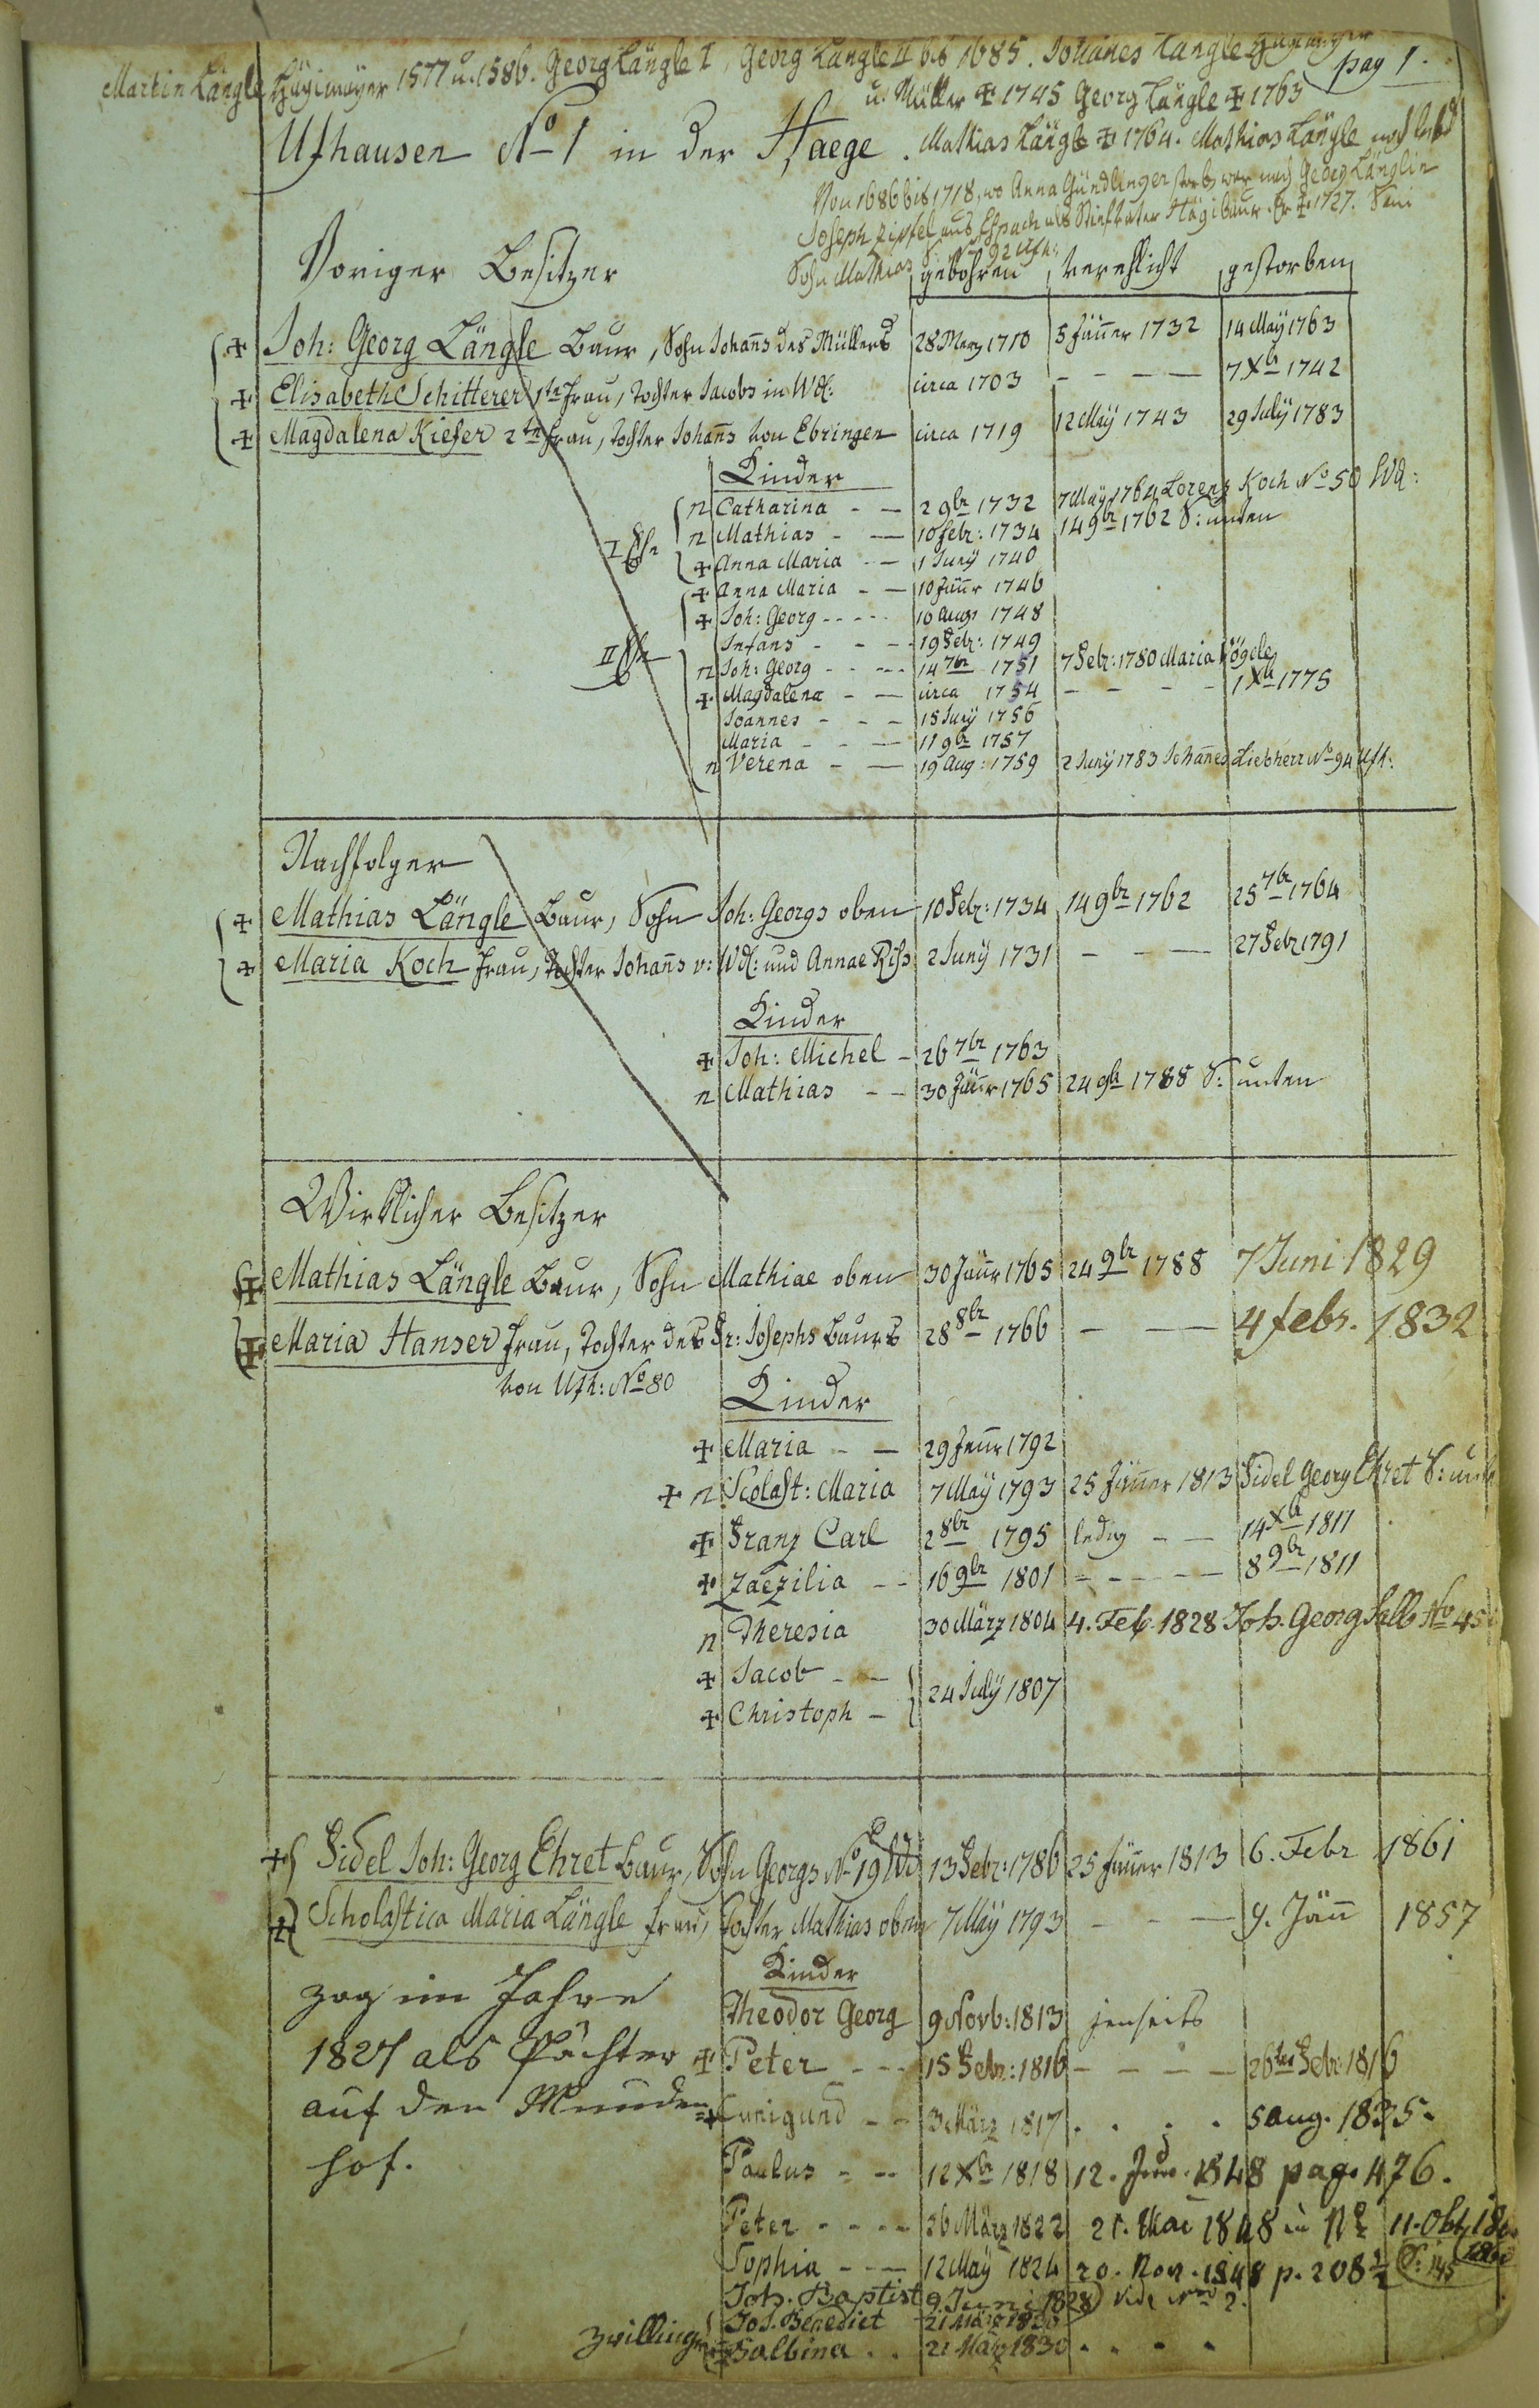 Seite 1 Ufhausen No 1